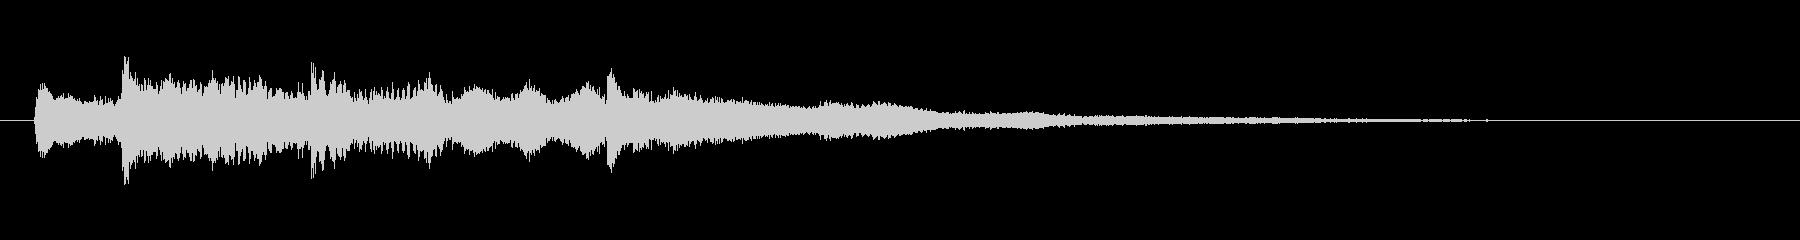 優しく穏やかなベル系サウンドロゴの未再生の波形